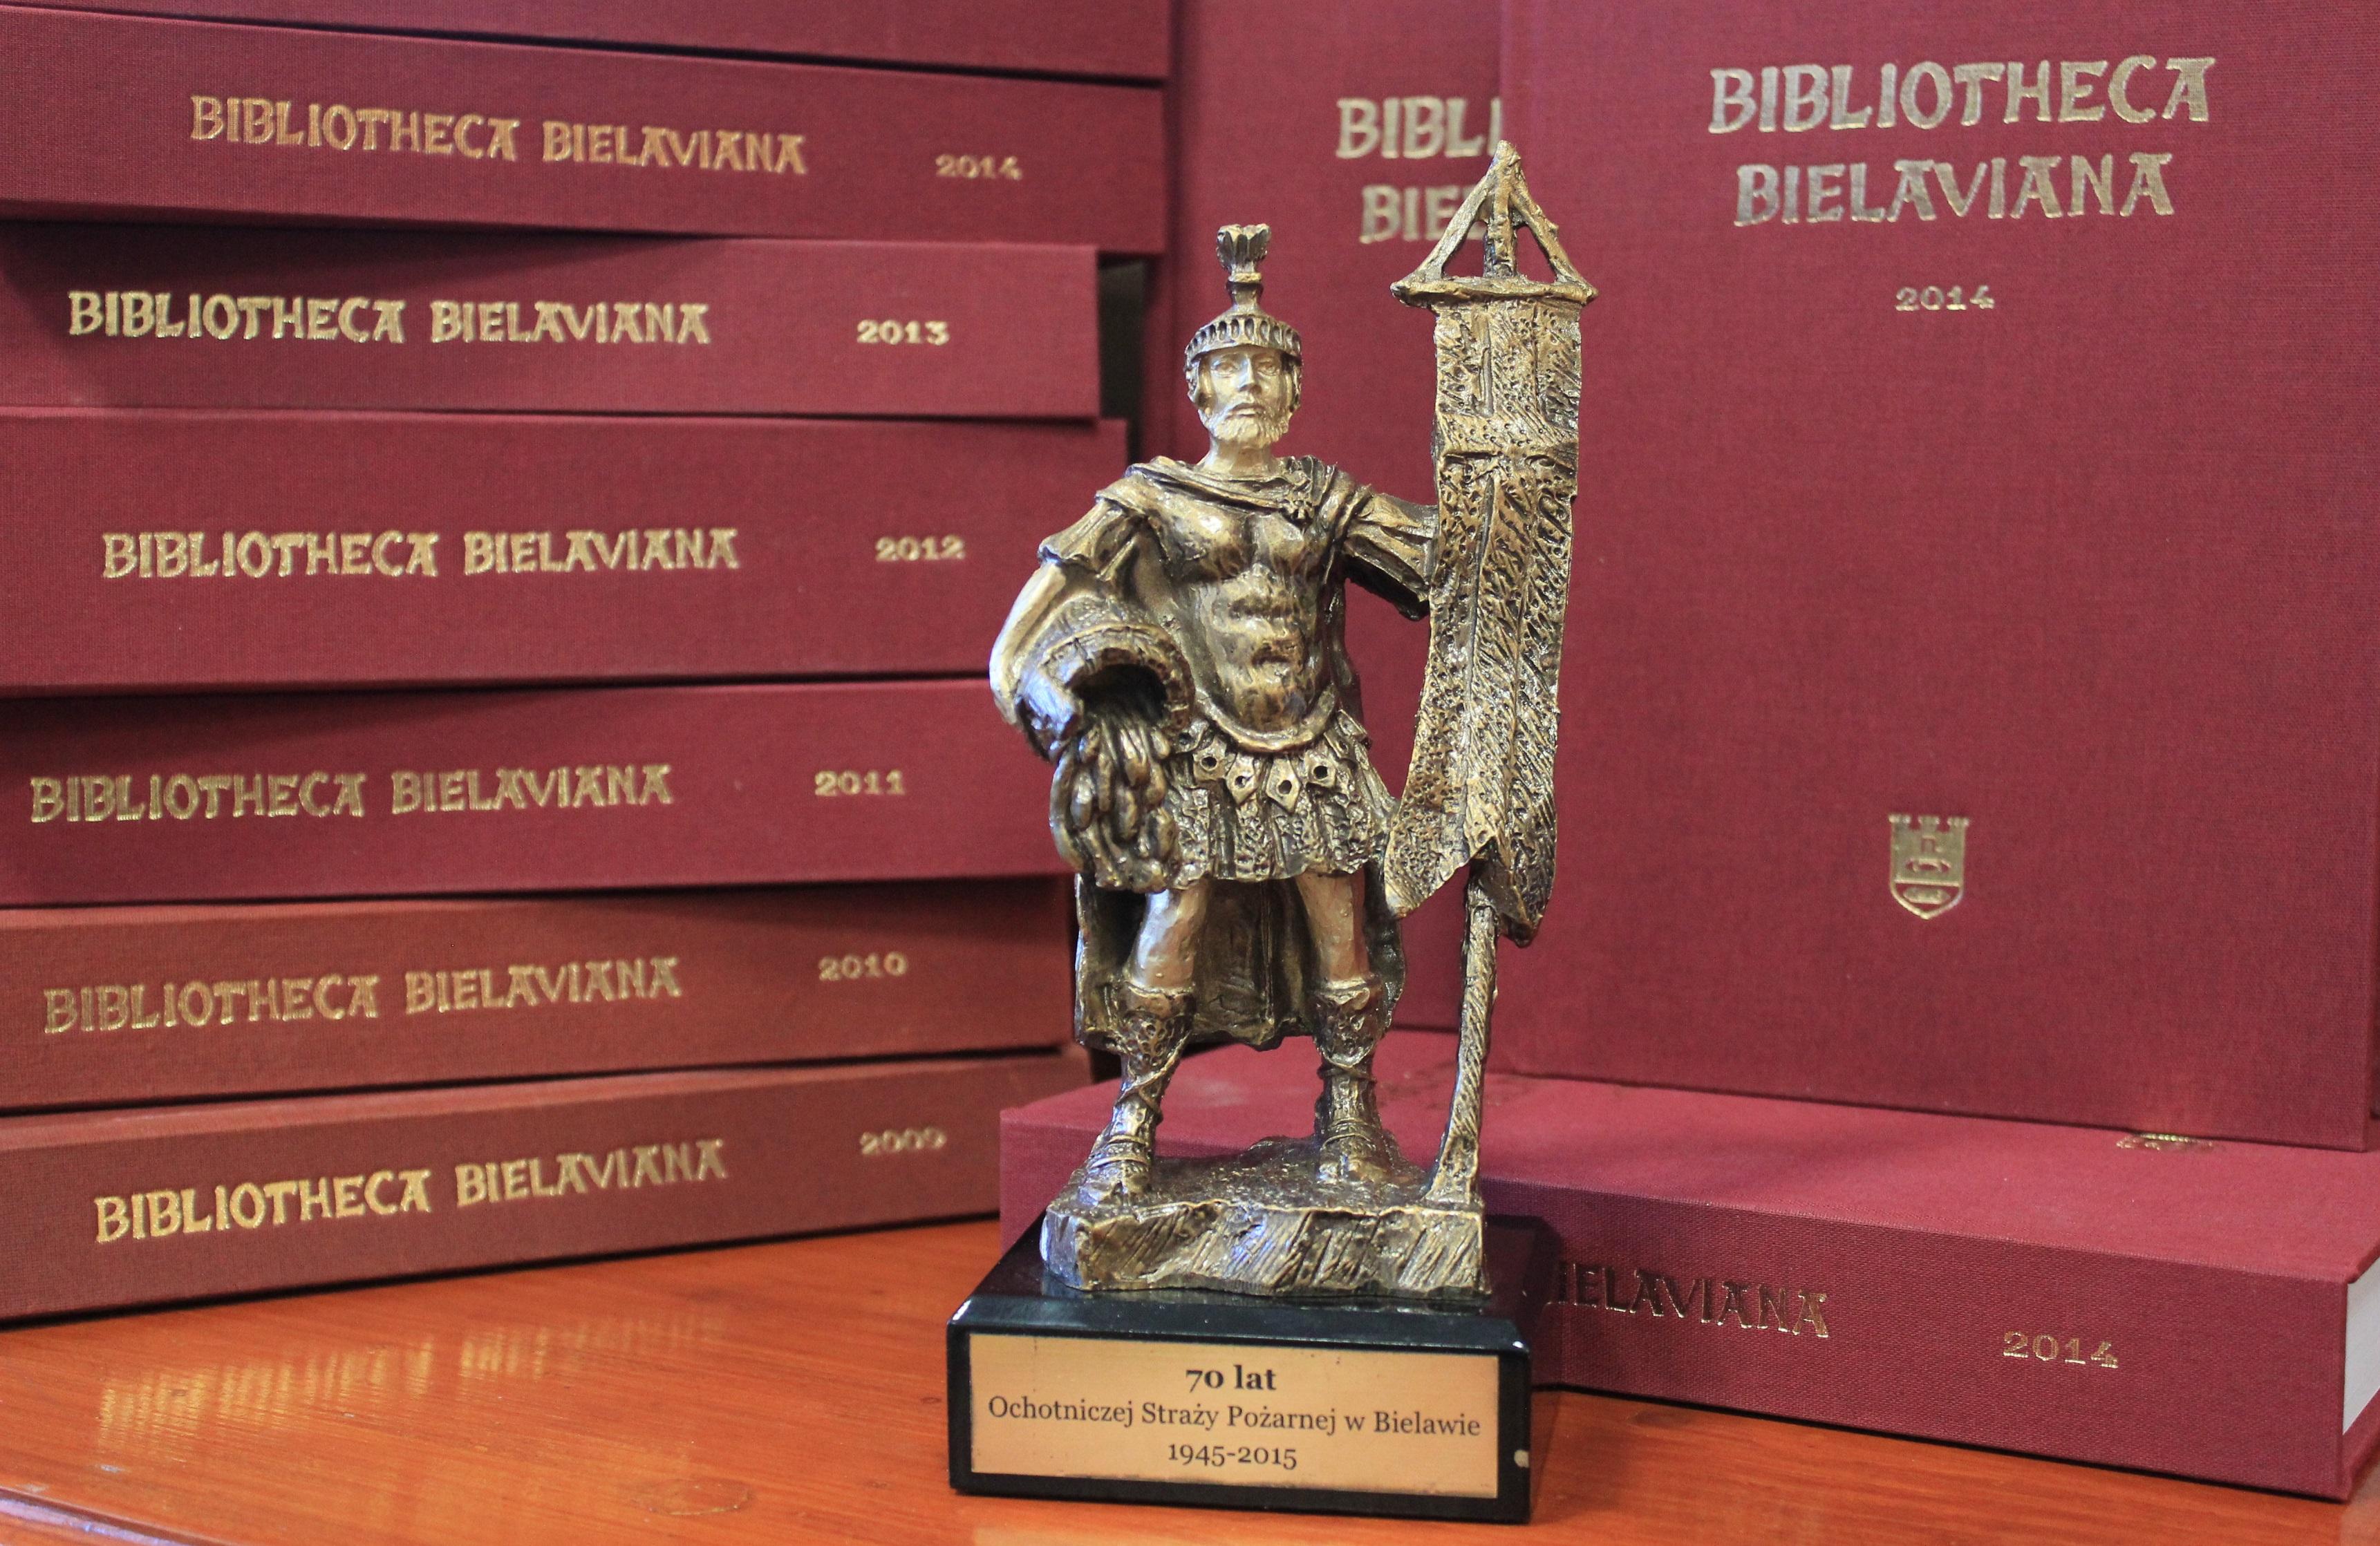 św. Florian od OSP Bielawa dla rdakcji Bibliotheca Bielaviana  (3)